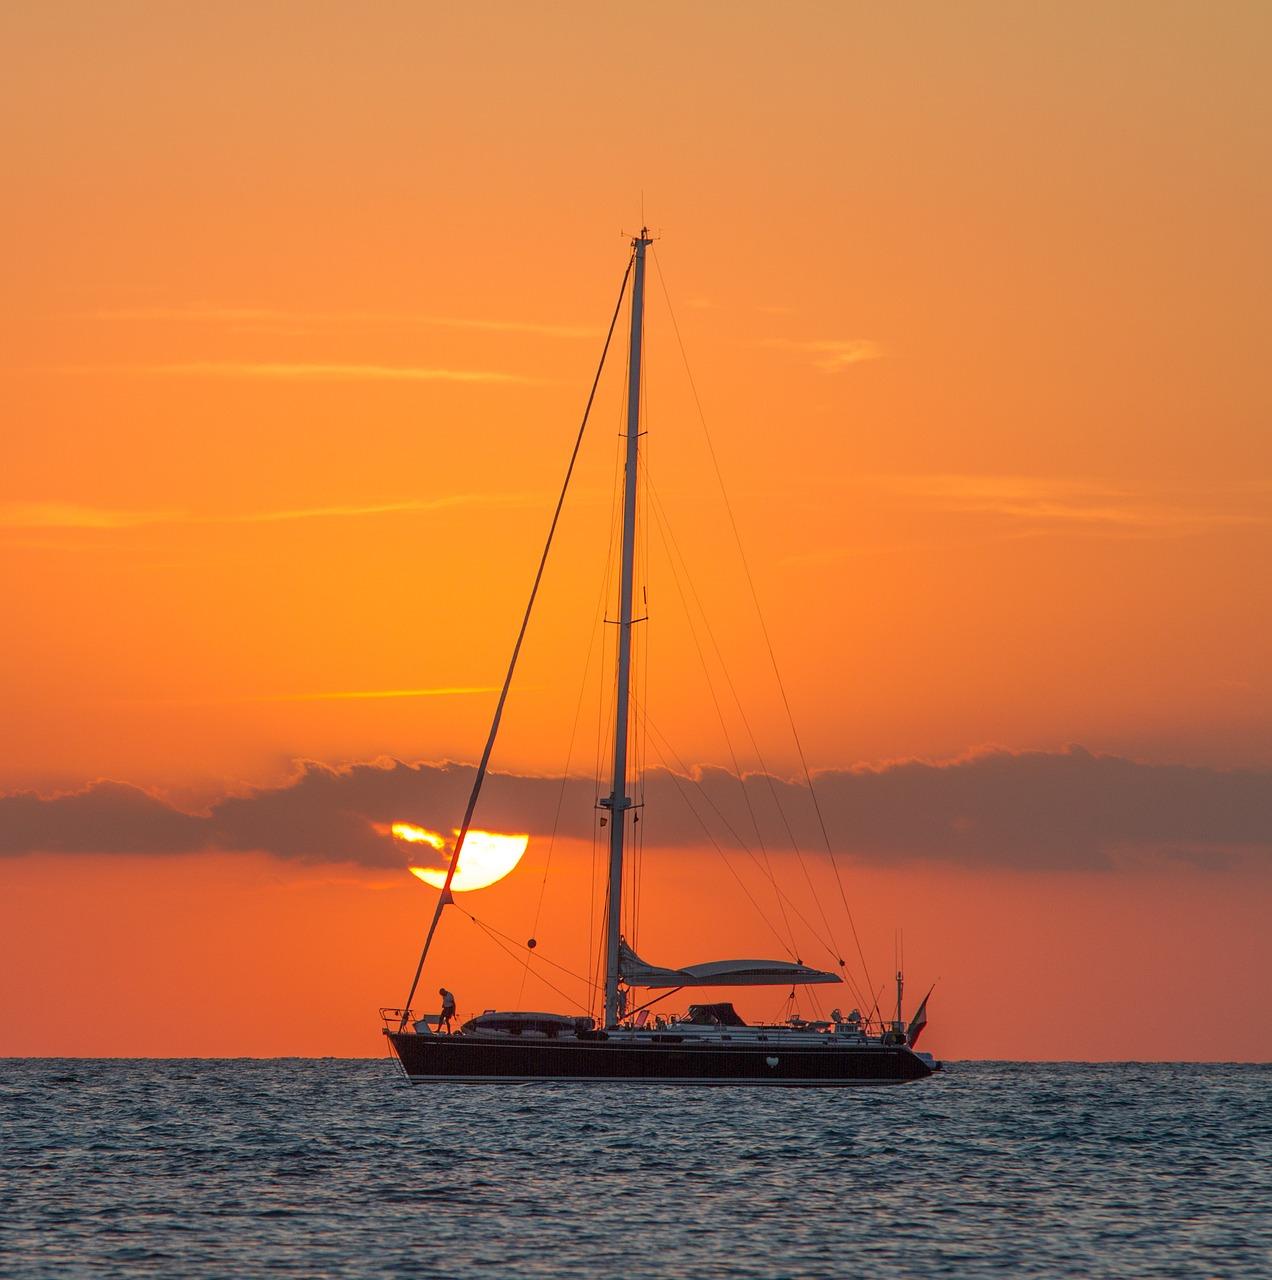 tipy na dárky pro námořníky, vášnivé jachtaře a všechny milovníky námořnického stylu